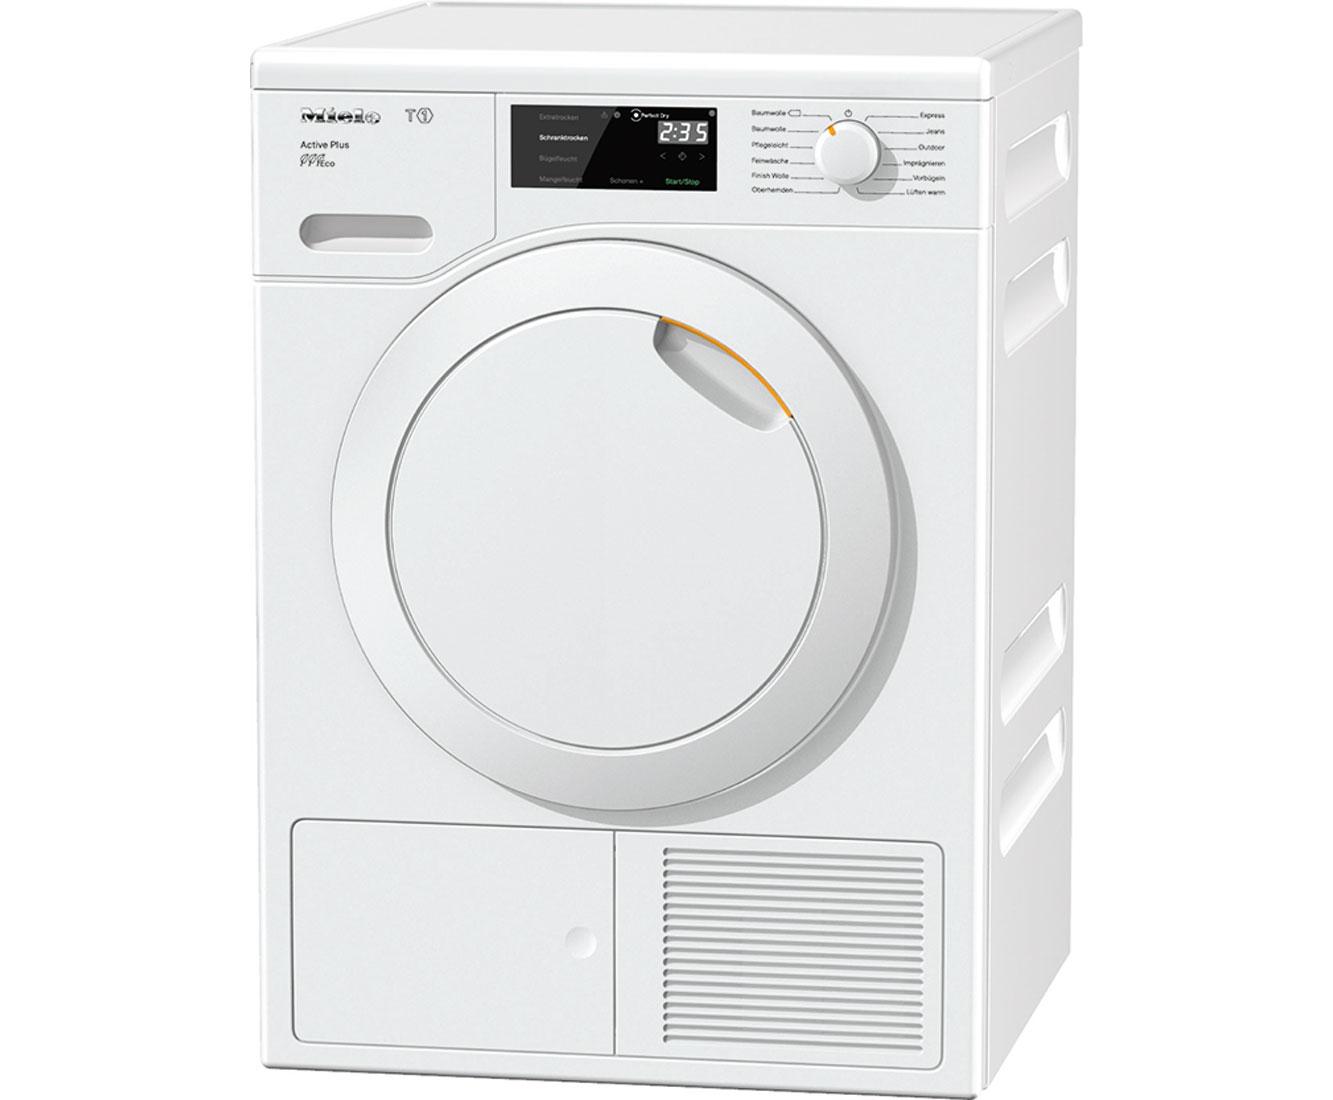 Miele TCE520 WP Wärmepumpentrockner - Weiß   Bad > Waschmaschinen und Trockner   Weiß   Miele